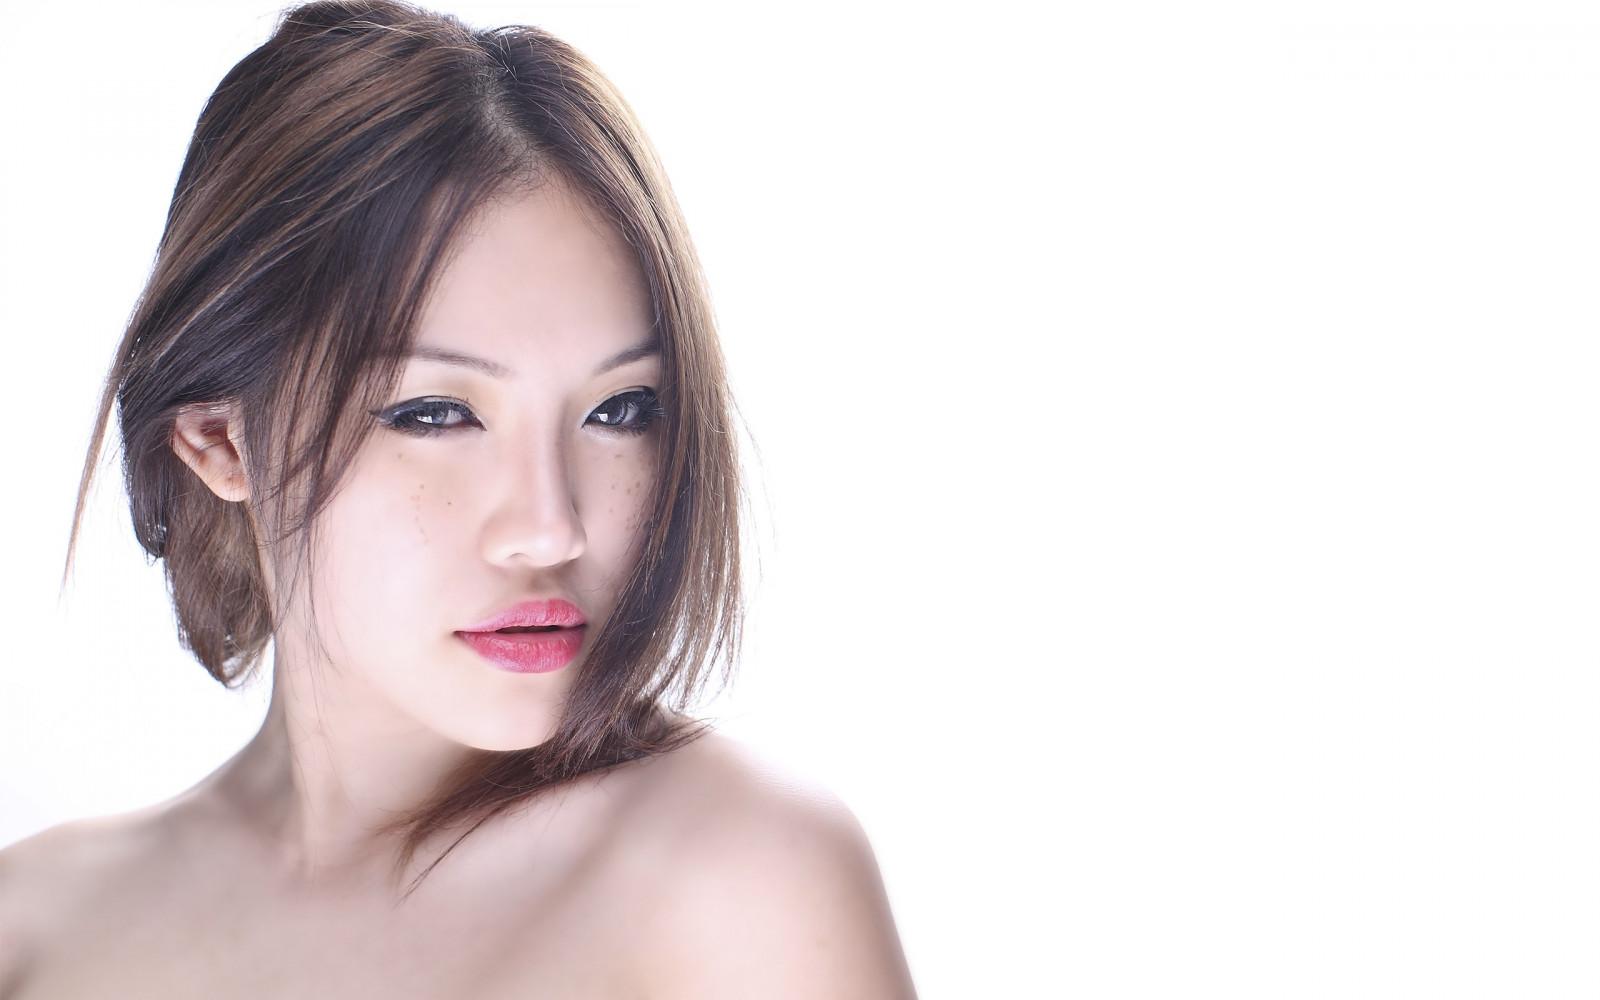 Wallpaper : face, model, long hair, Asian, singer, black ...